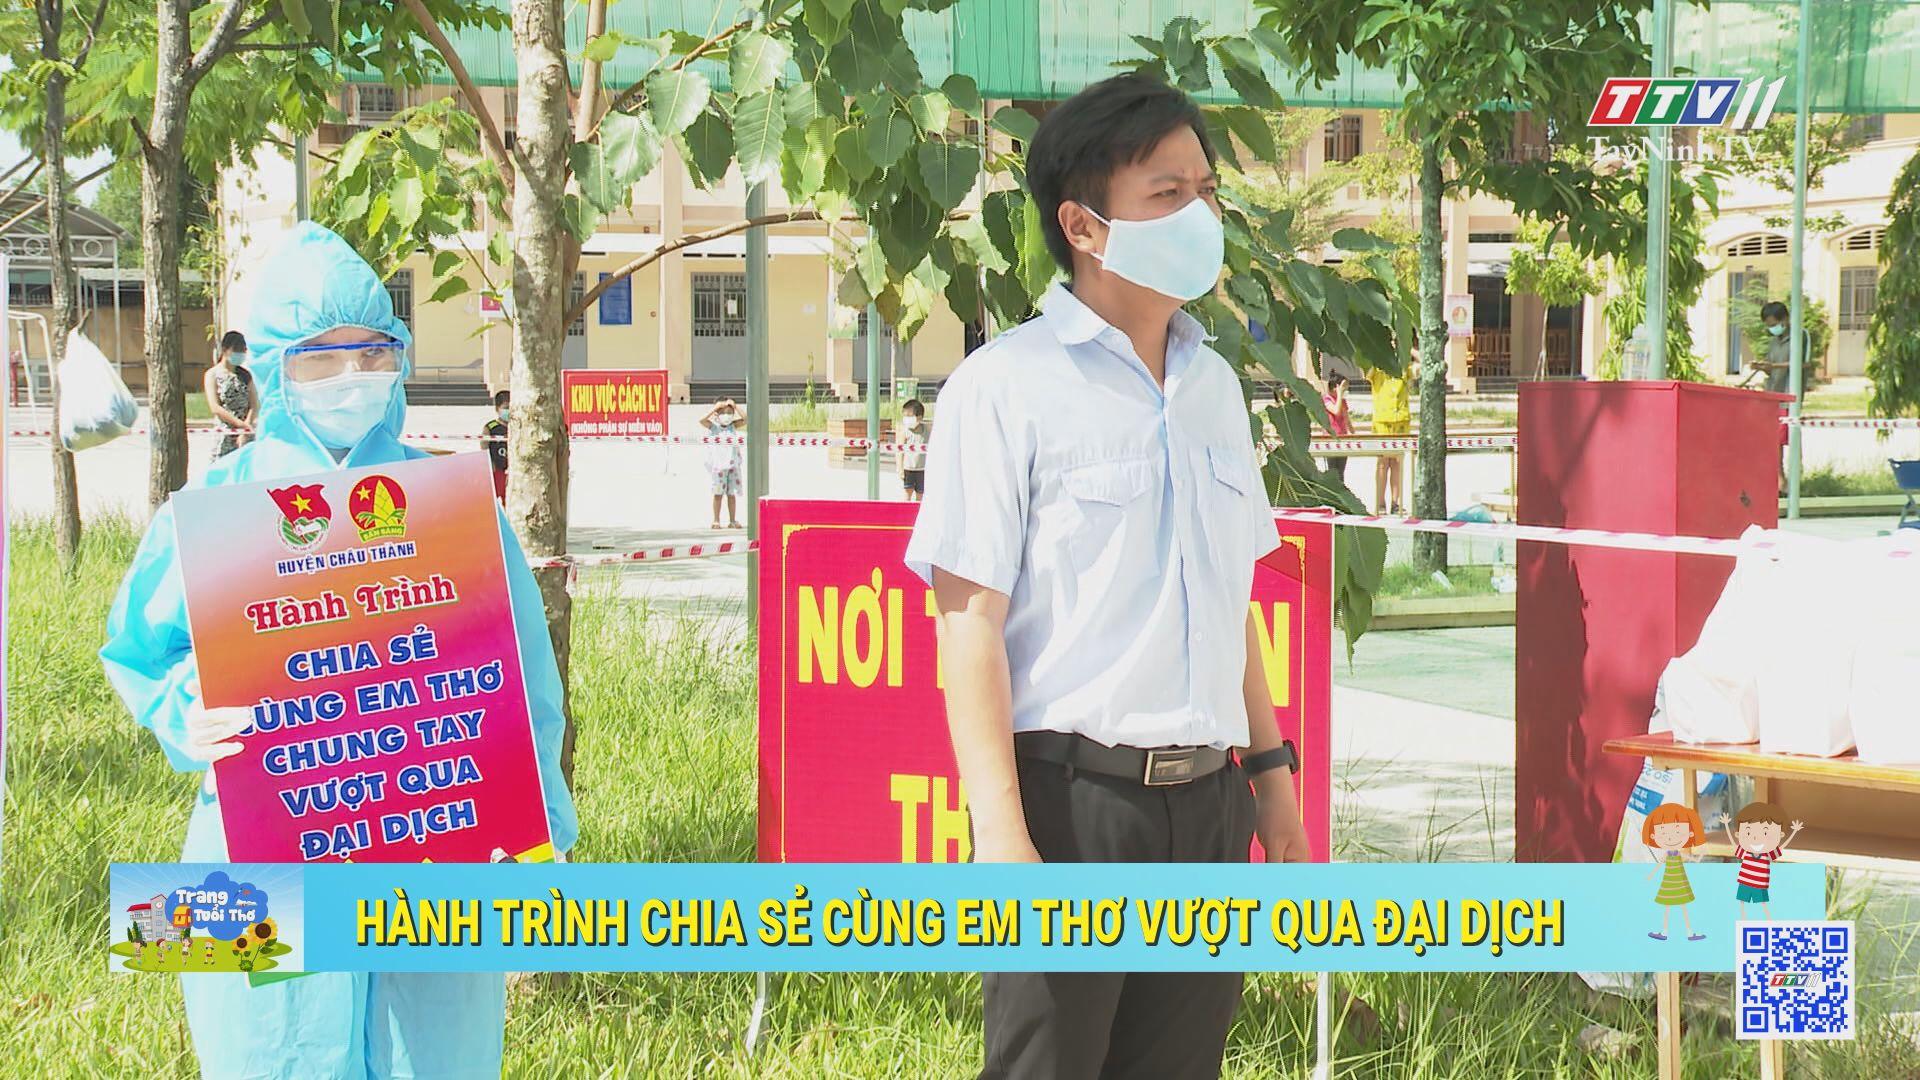 Hành trình chia sẻ cùng em thơ vượt qua đại dịch | TRANG TUỔI THƠ | TayNinhTV